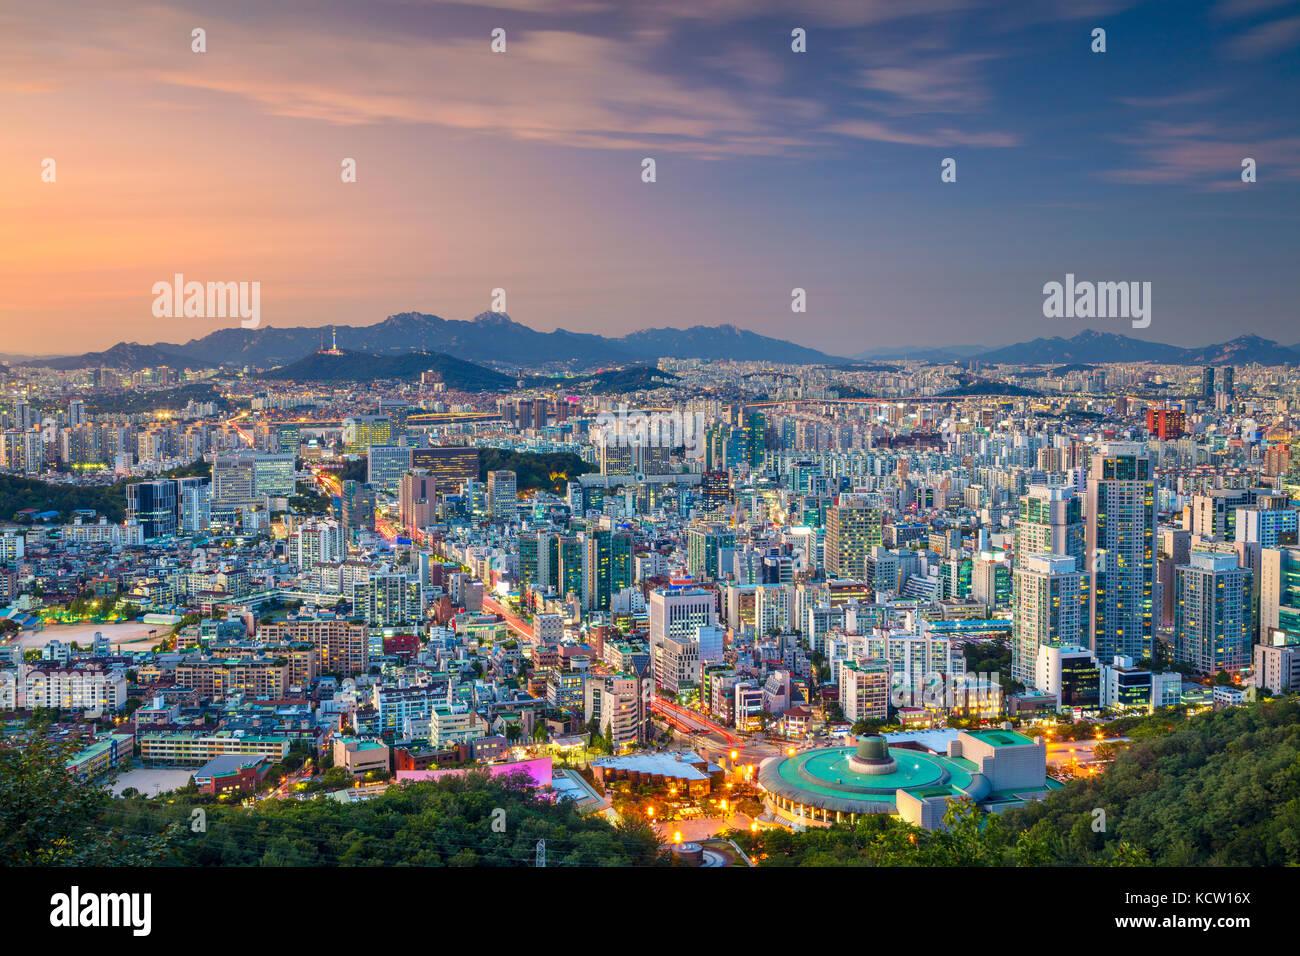 Séoul. cityscape image de centre-ville de Séoul en été au coucher du soleil. Banque D'Images